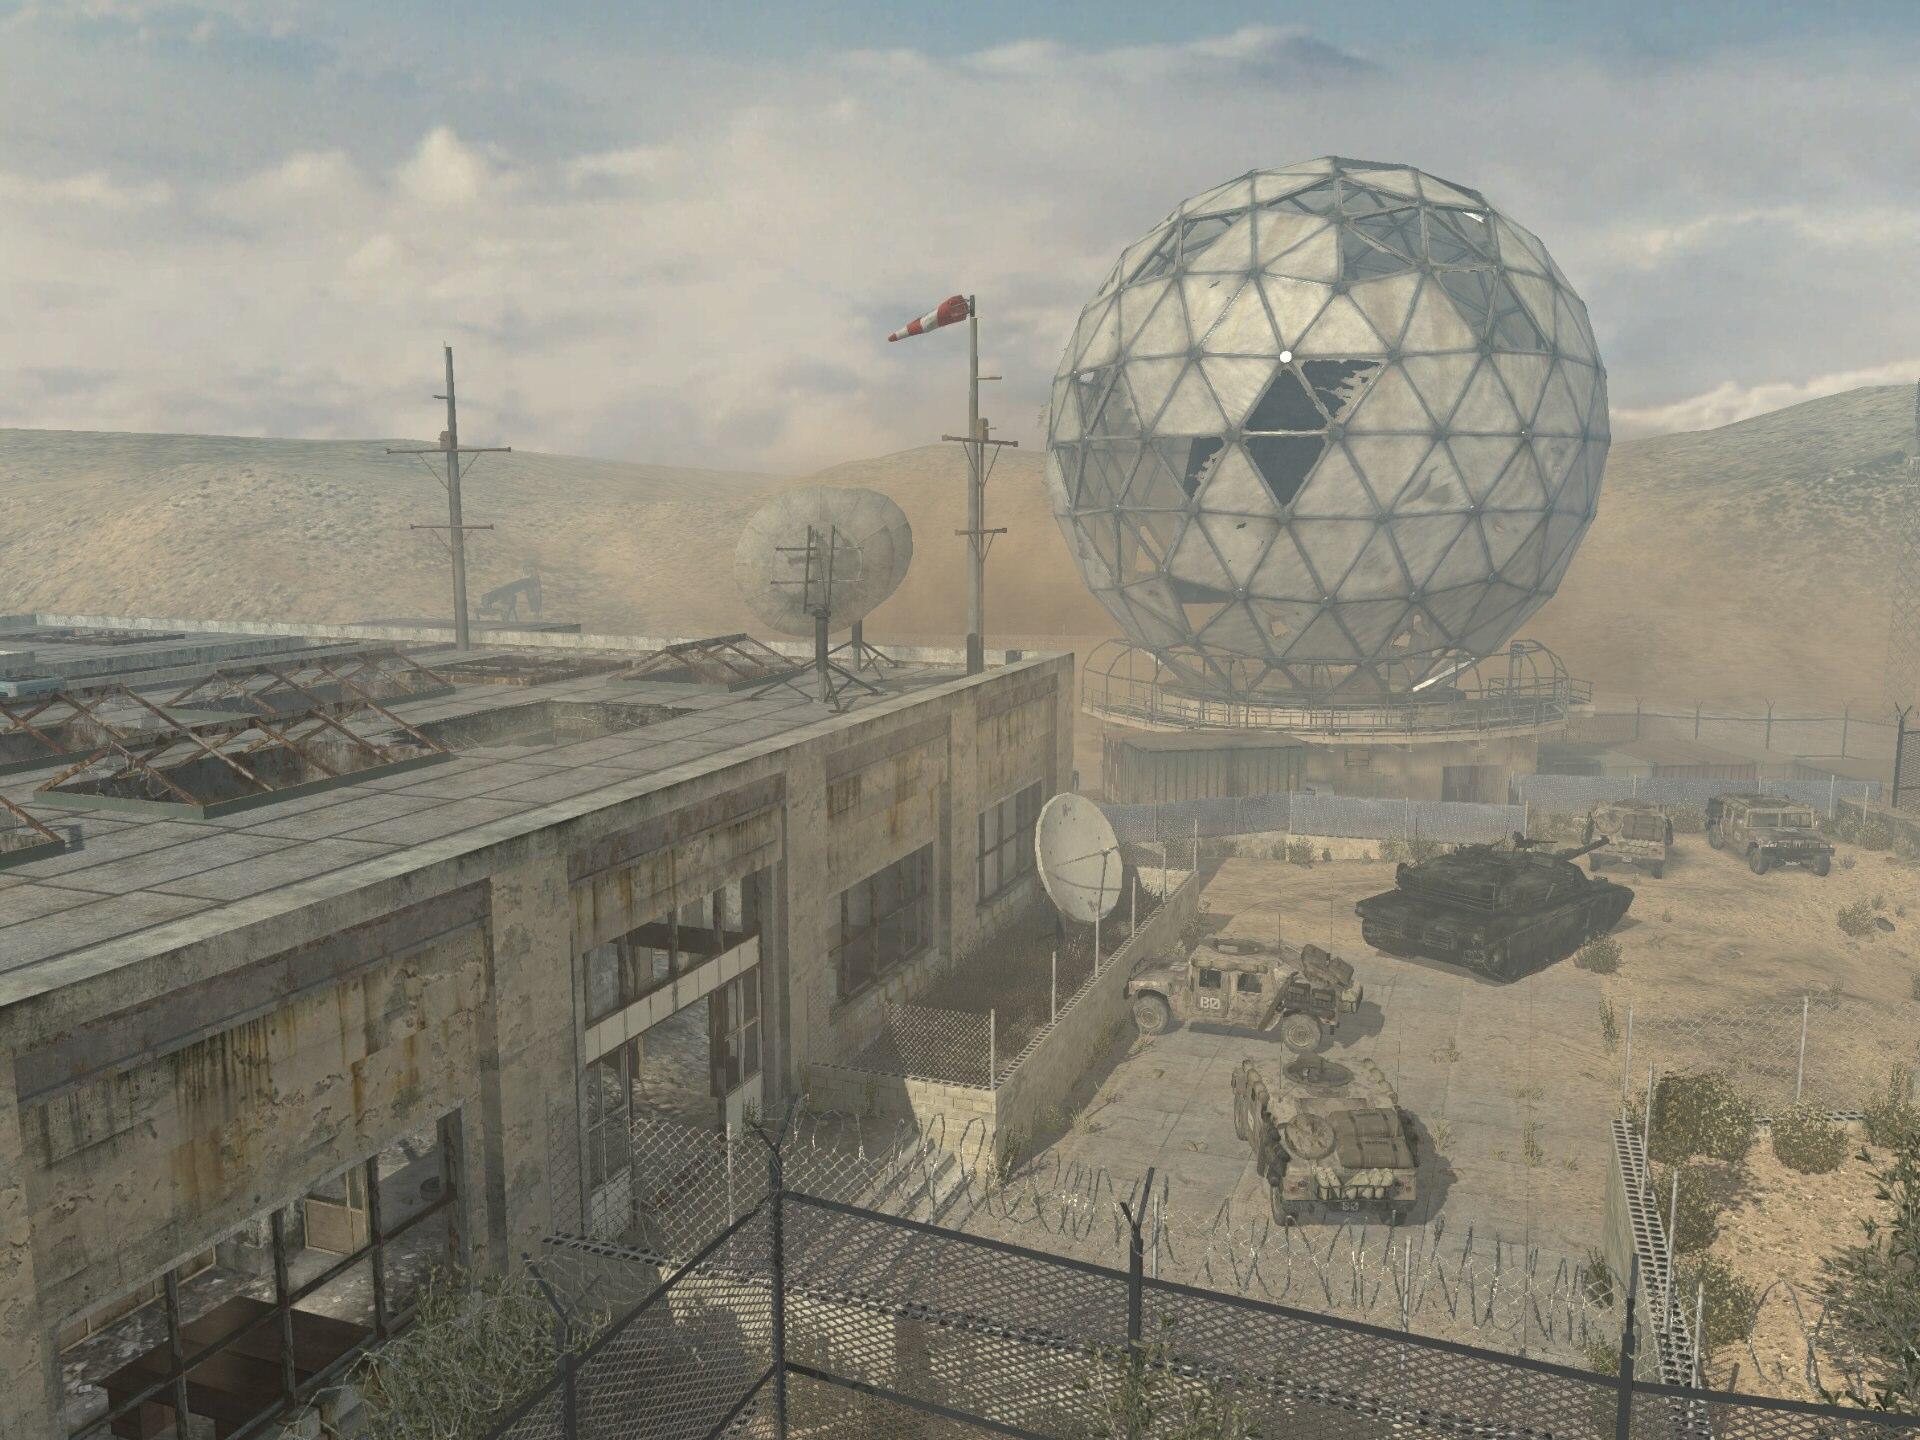 Dome call of duty modern warfare 3